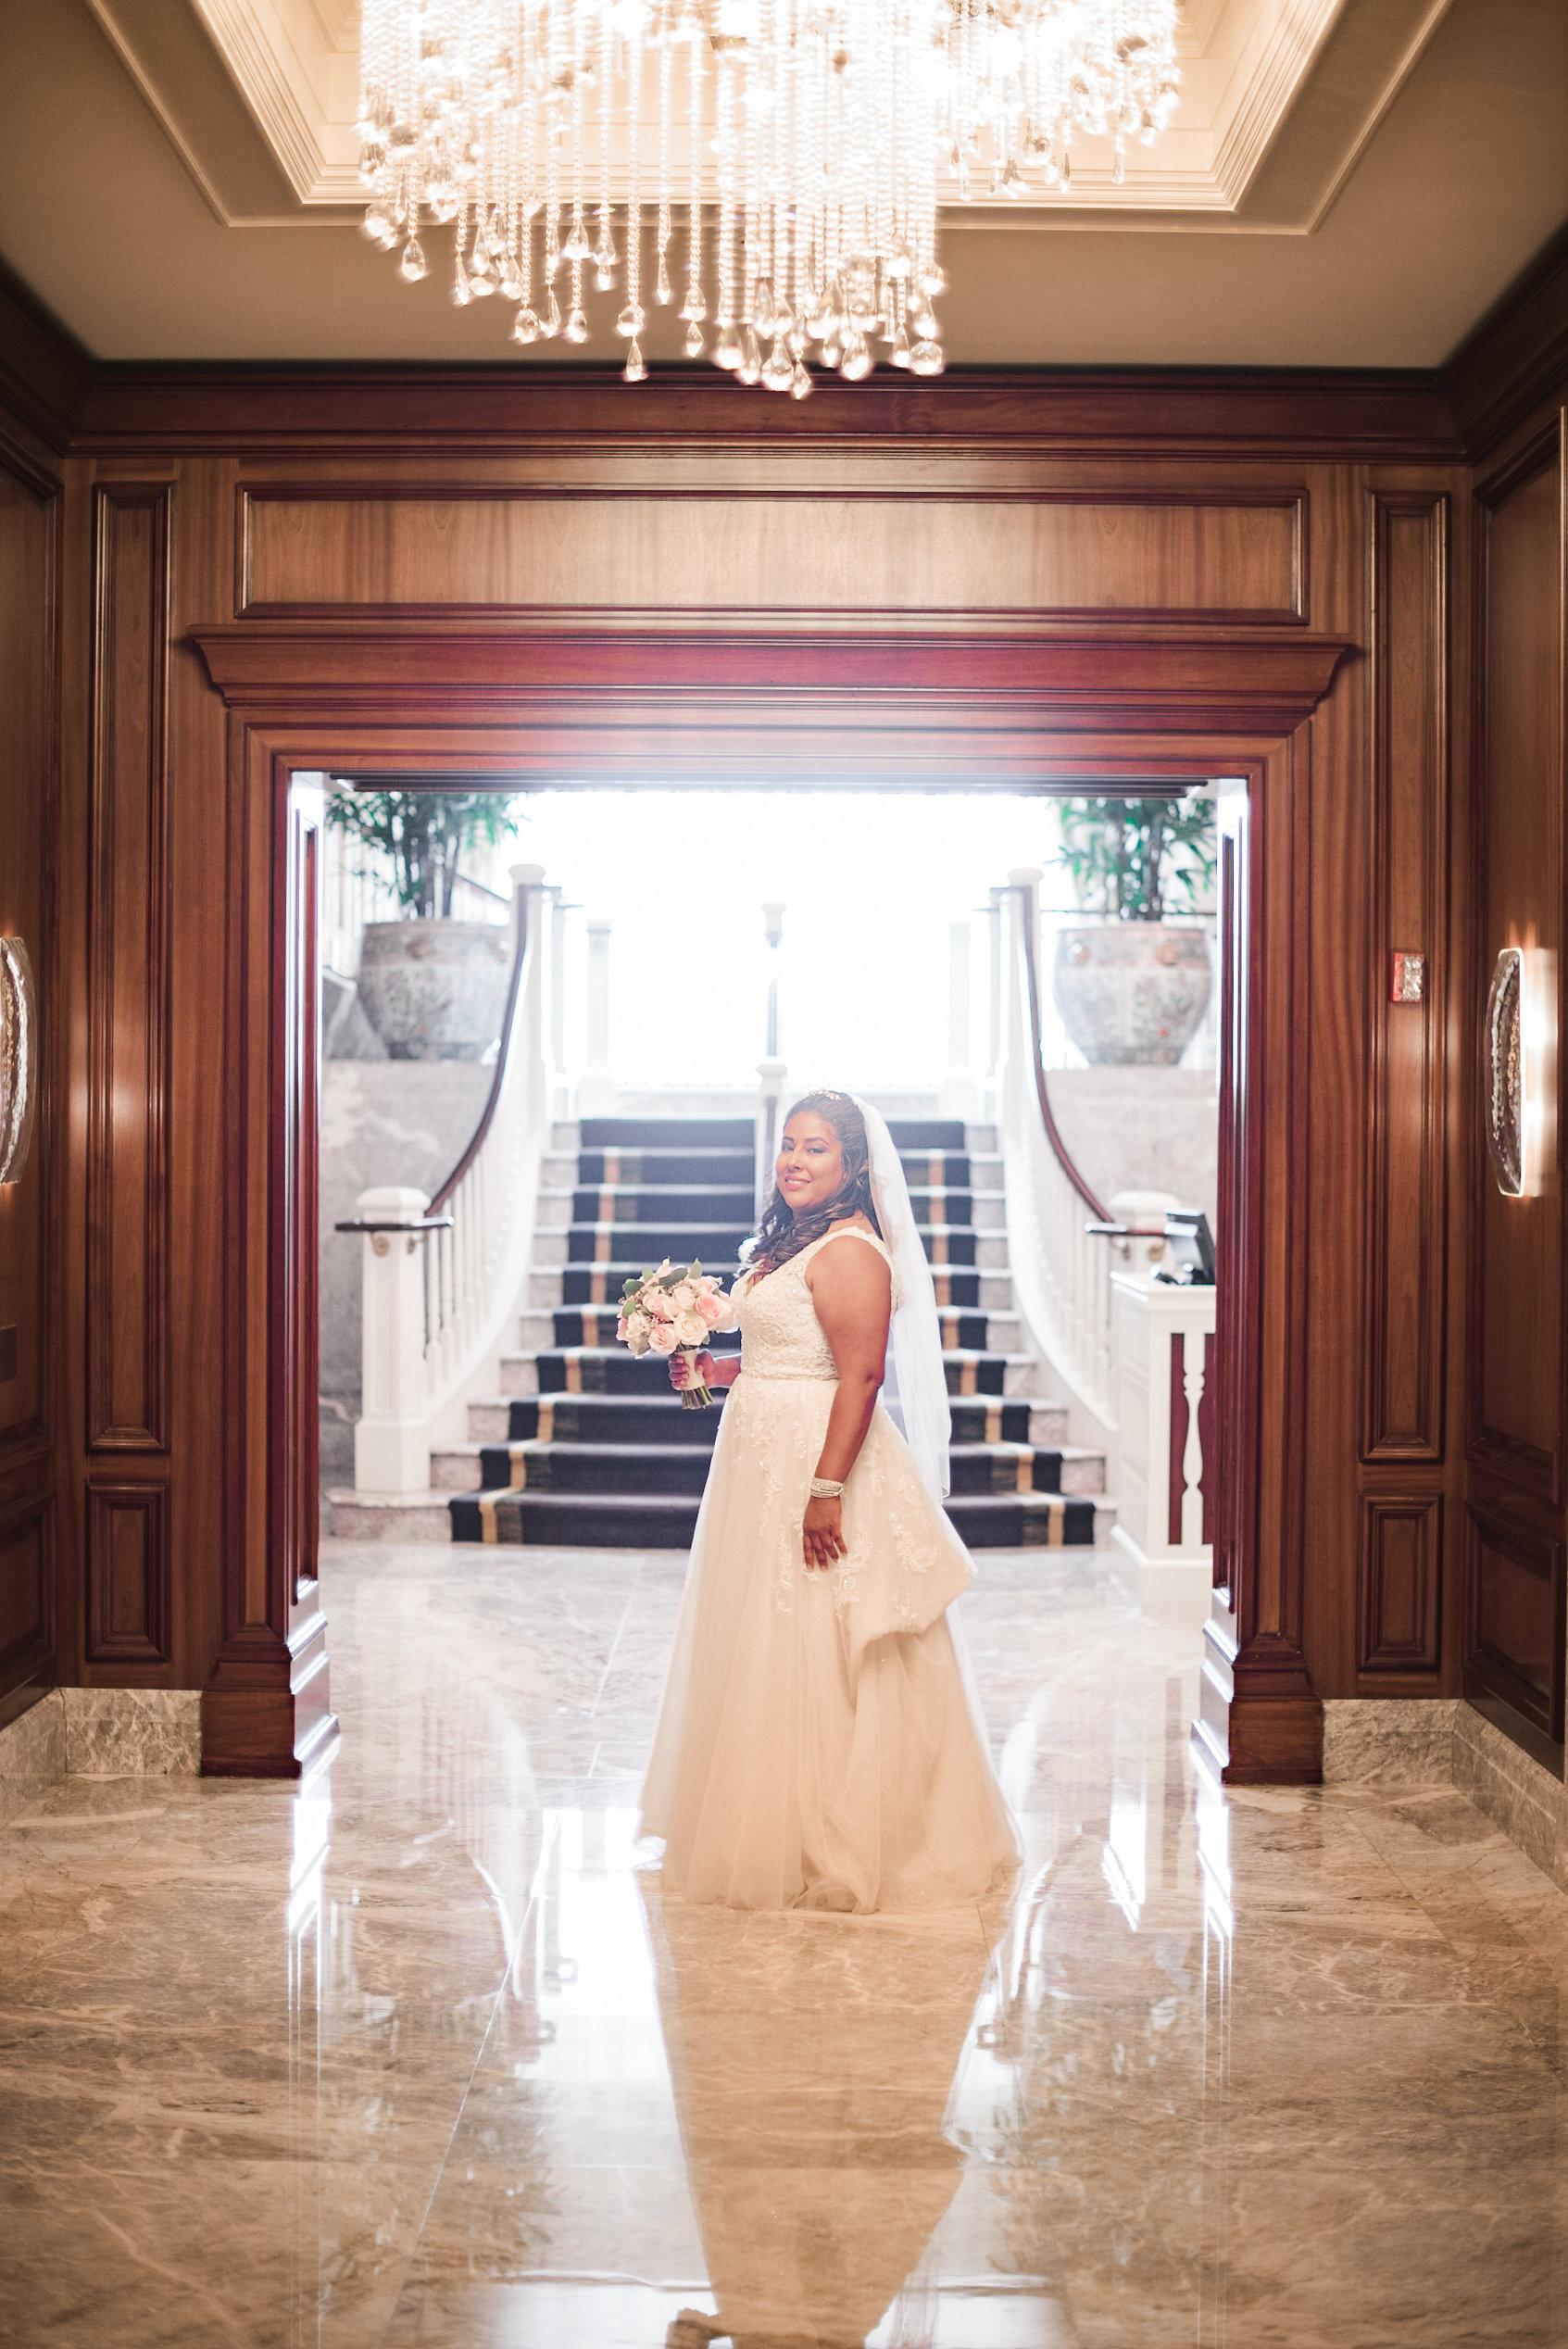 Bride standing in long hallway